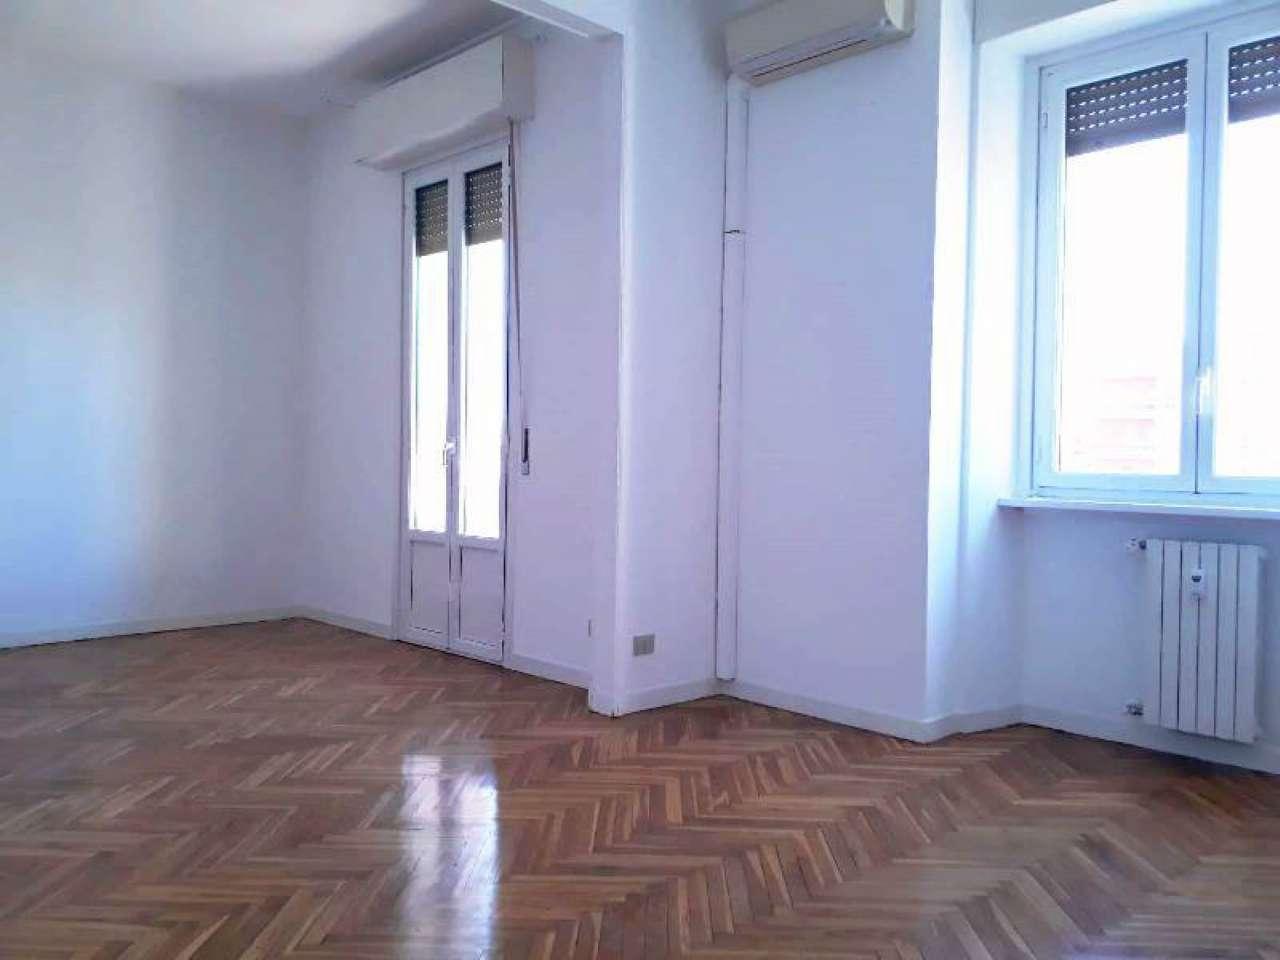 Appartamento in affitto Zona P.ta Genova, Romolo, Solari, Papini... - via D'Annunzio 3 Milano